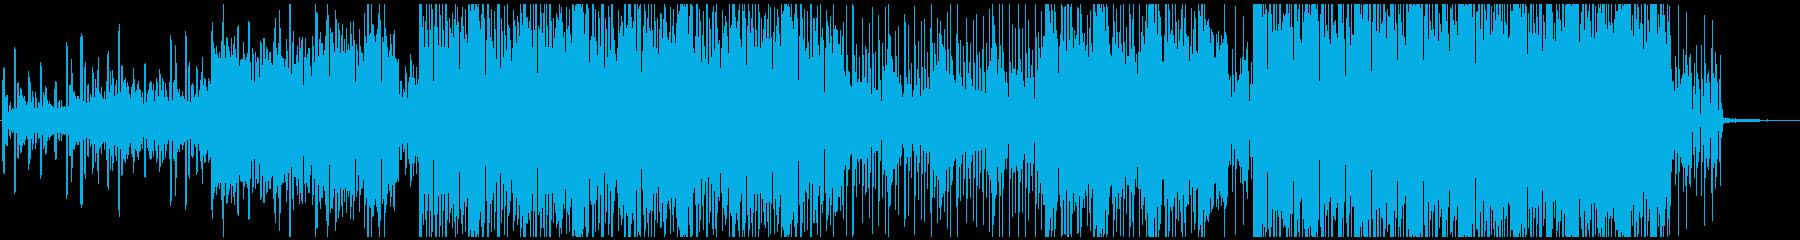 映像に合う無機質なシンセサウンドの再生済みの波形